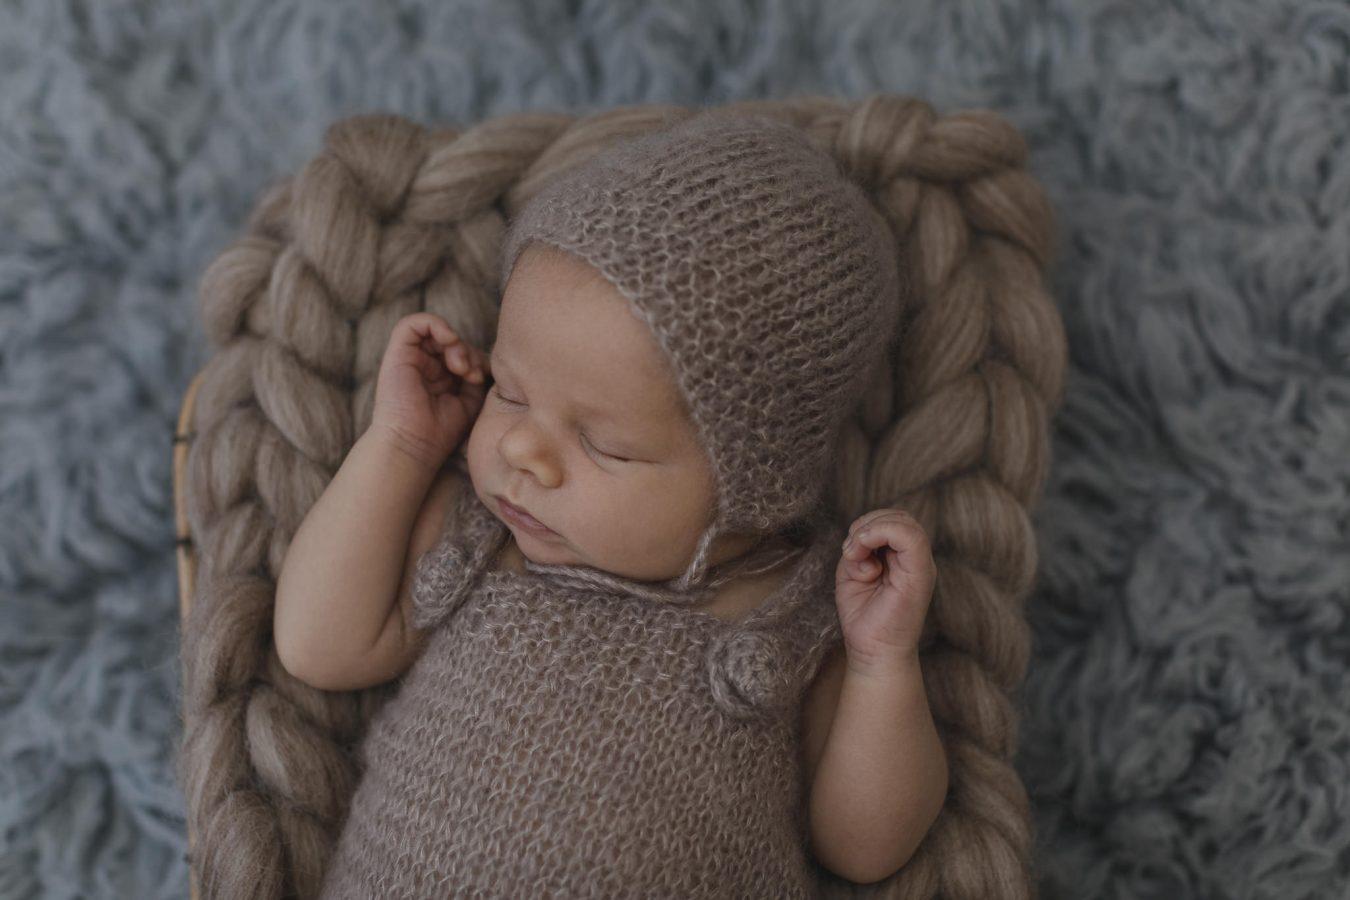 Babyfotograf Hamburg - Baby liegt in Körbchen und schläft